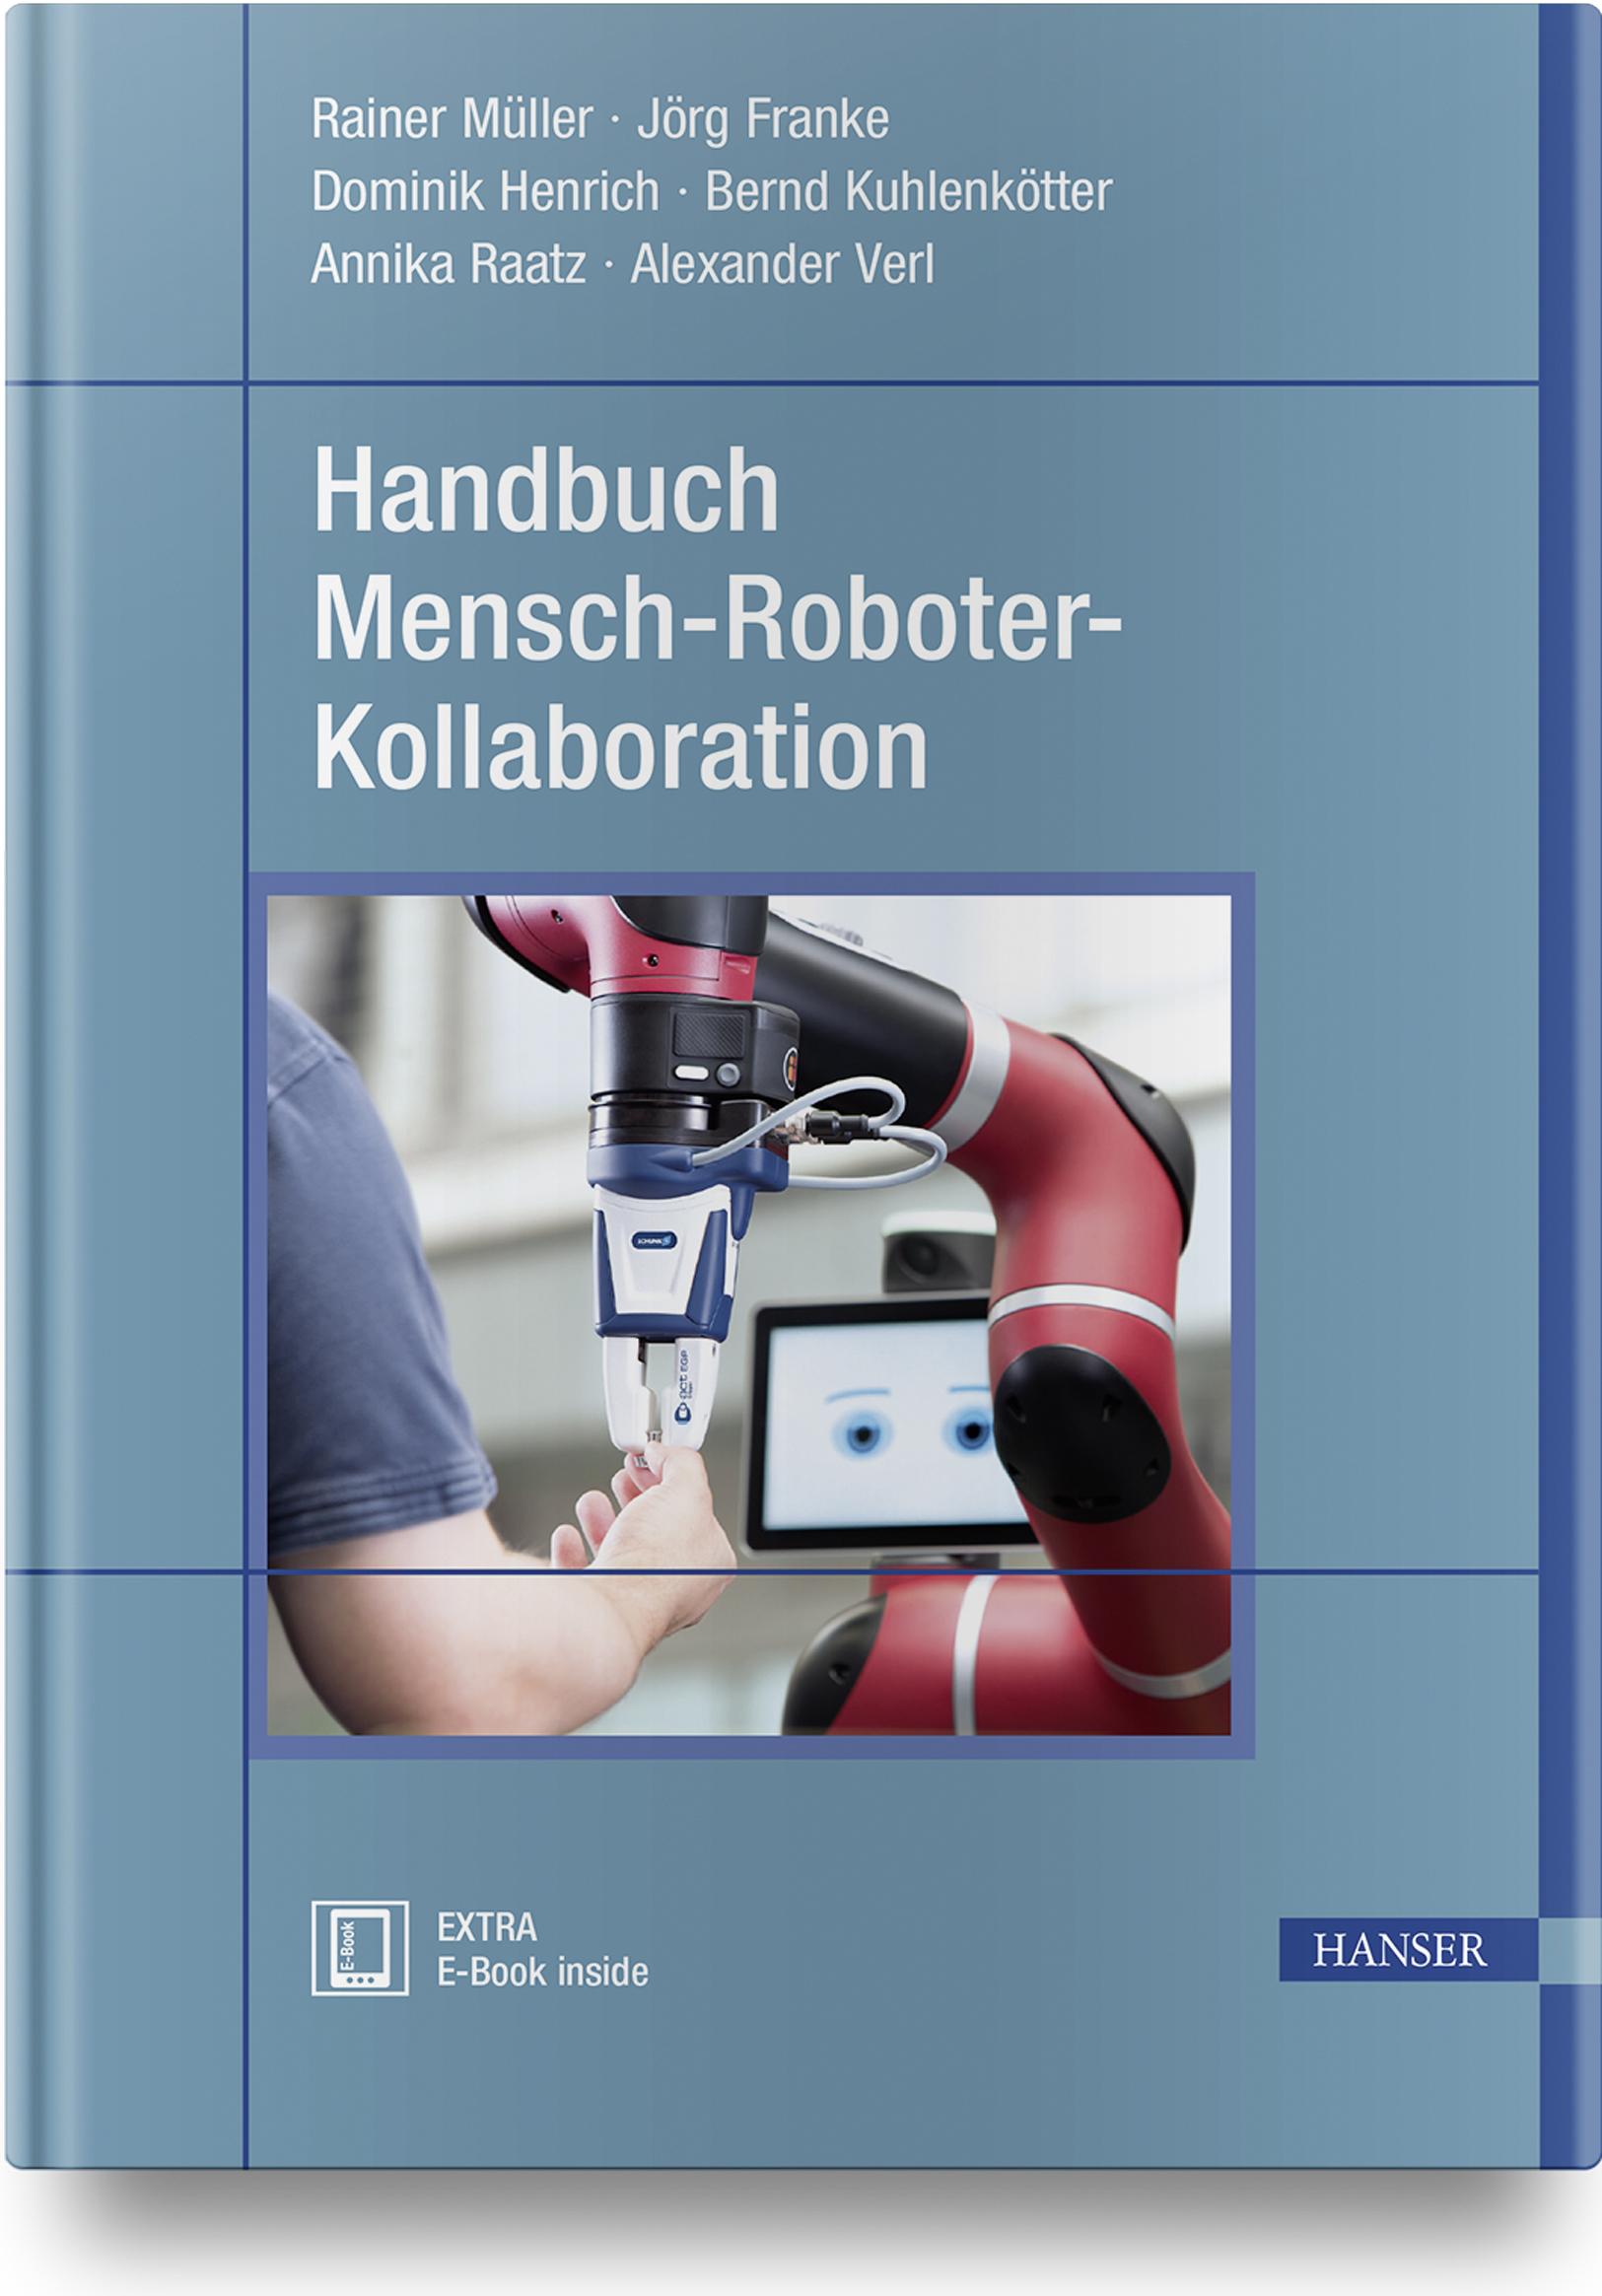 Handbuch Mensch-Roboter-Kollaboration, 978-3-446-45016-5